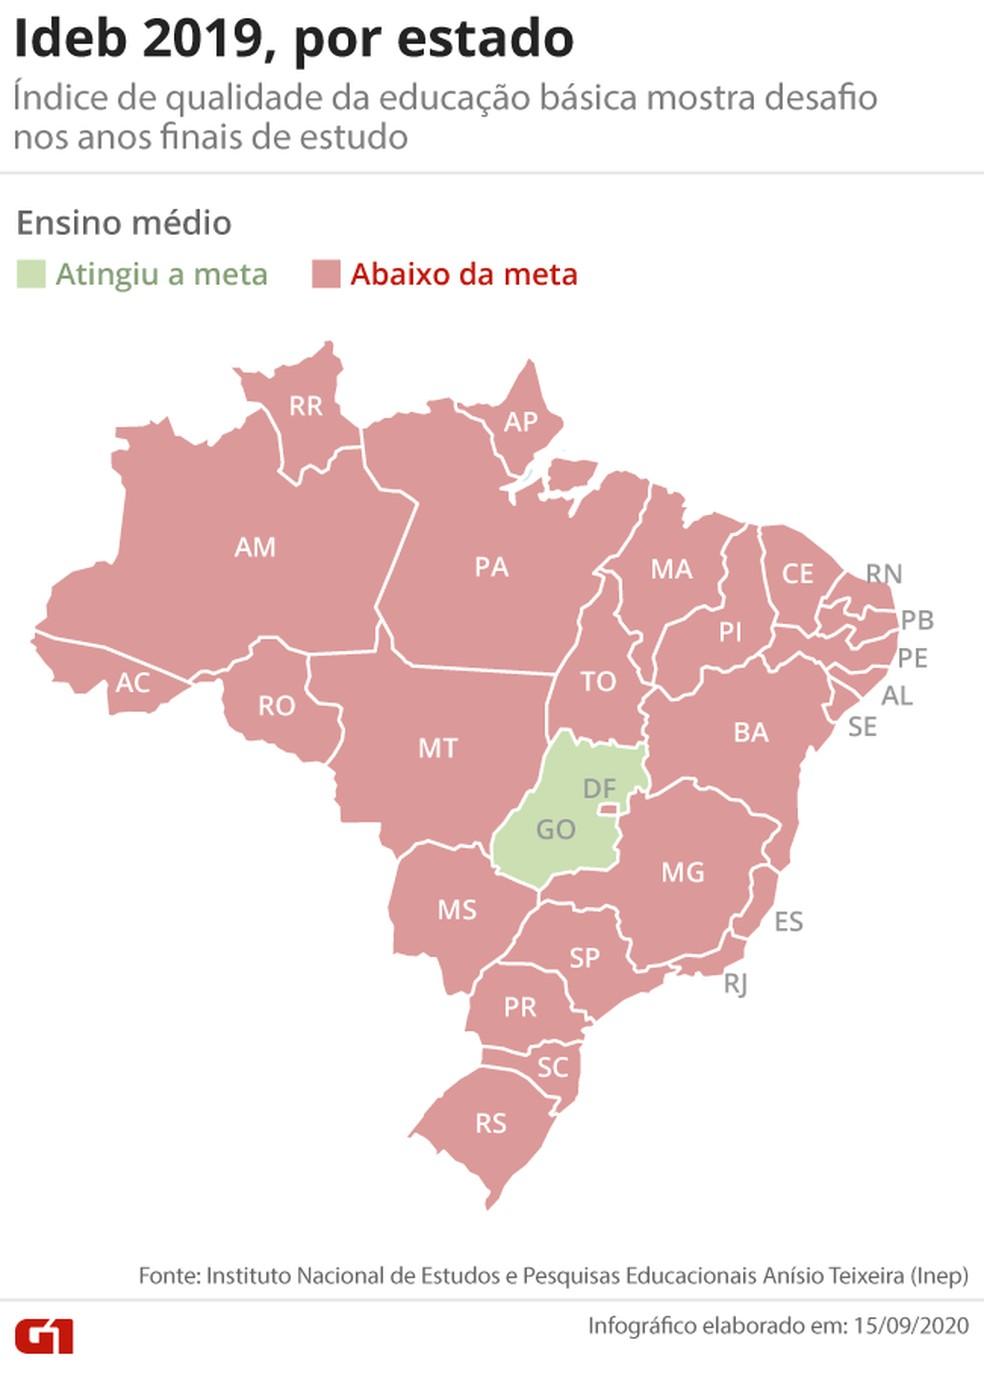 Mapa mostra que apenas Goiás atingiu a meta do Ideb do ensino médio. — Foto: Arte/G1